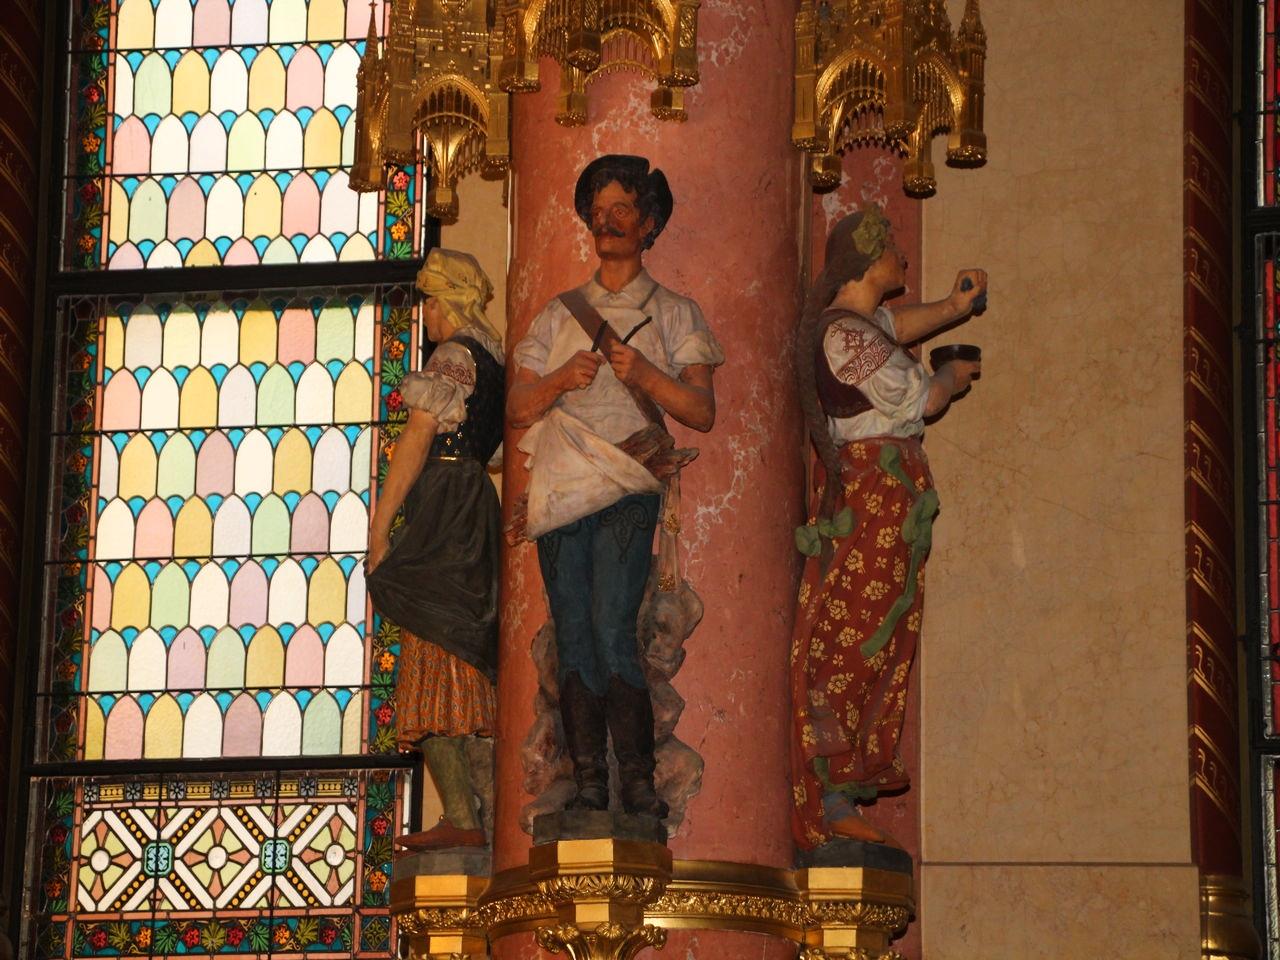 Todos los oficios históricos de los habitantes de Hungría están representados en columnas.